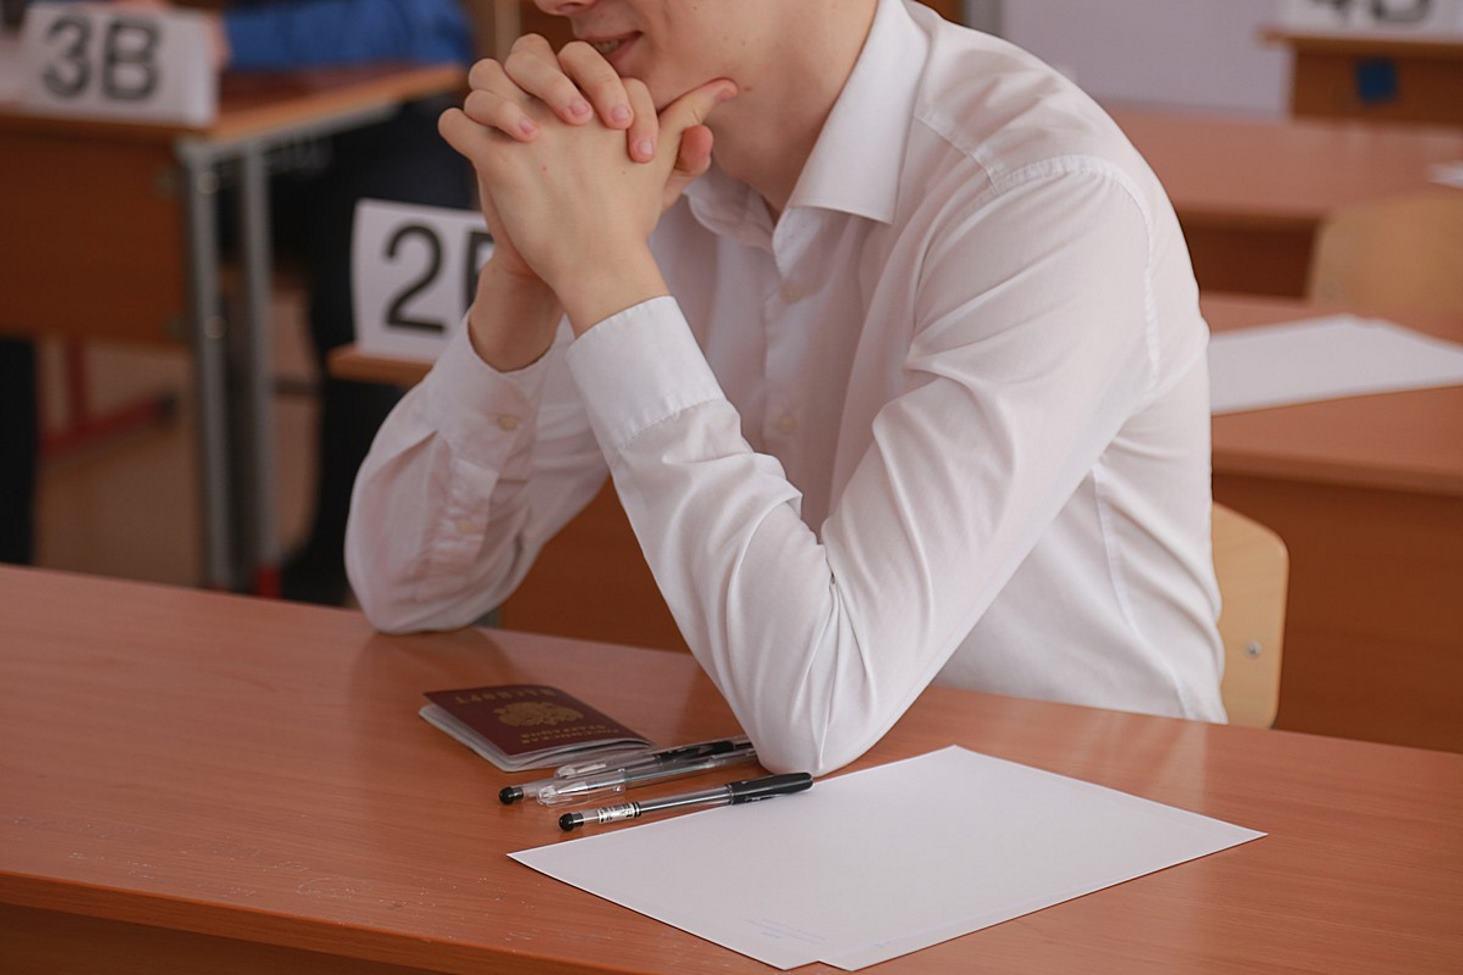 В России предложили отменить ЕГЭ для части выпускников